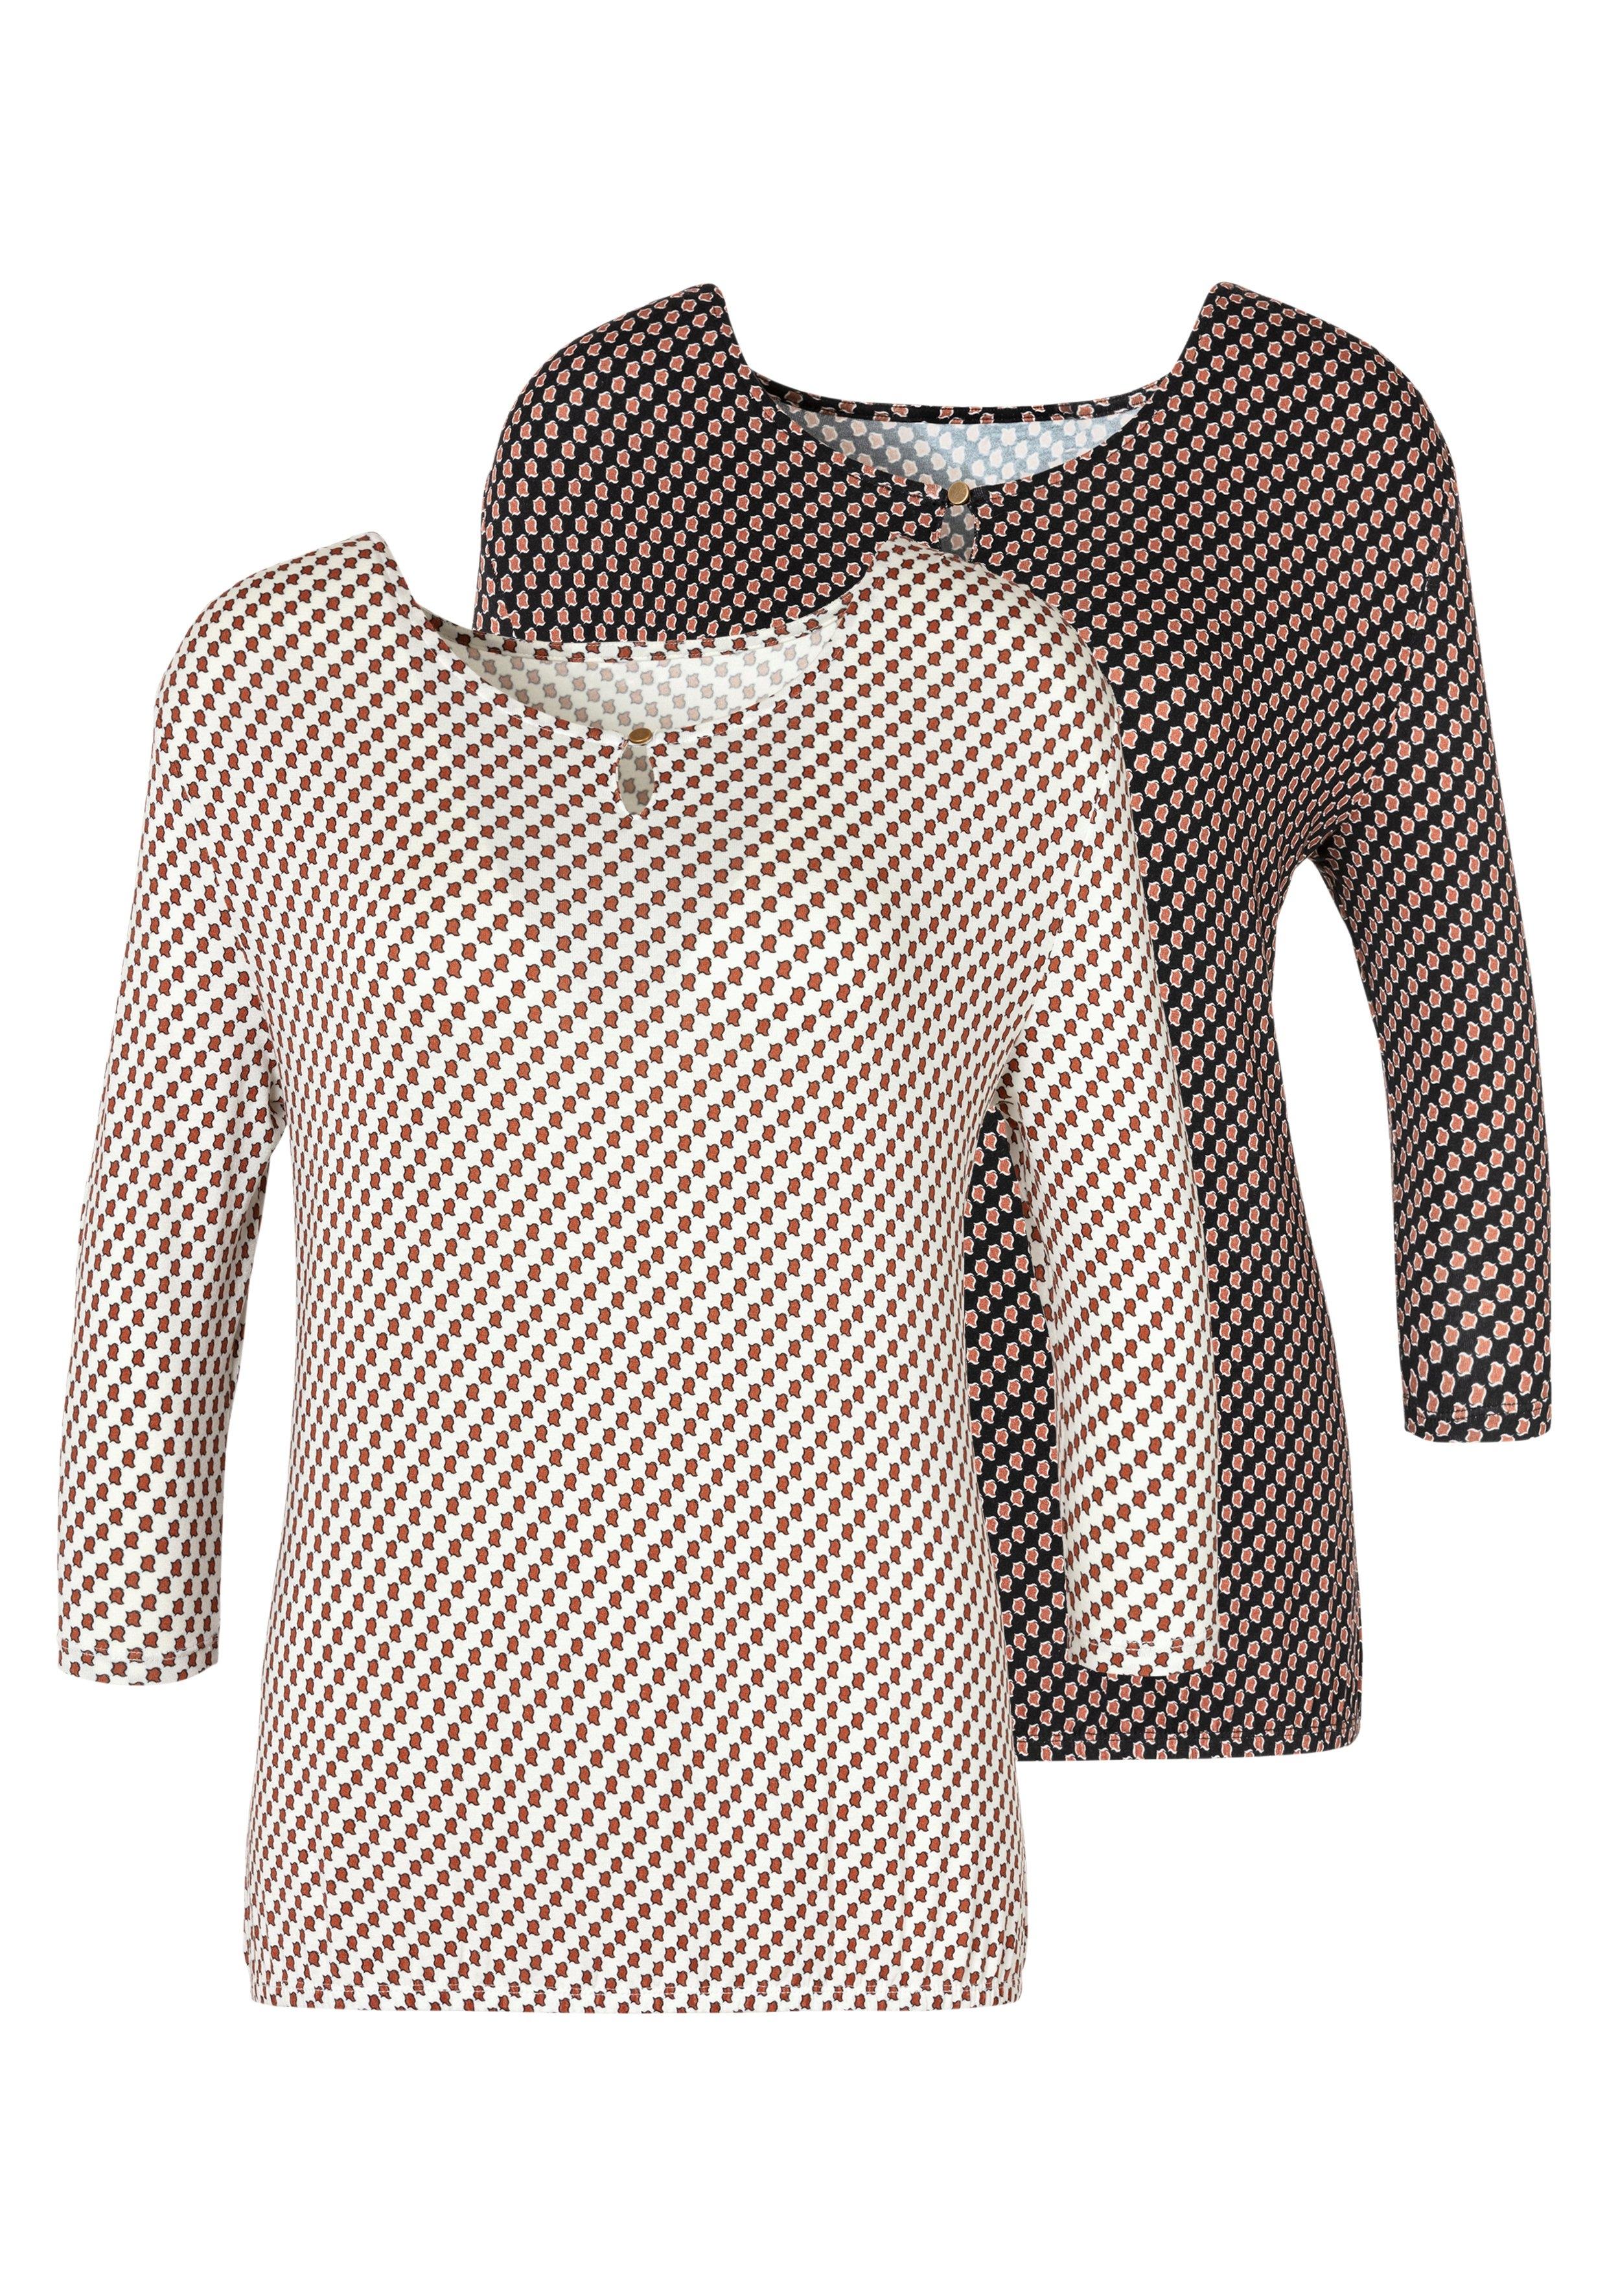 Vivance shirt met 3/4-mouwen (Set van 2) in de webshop van Lascana kopen